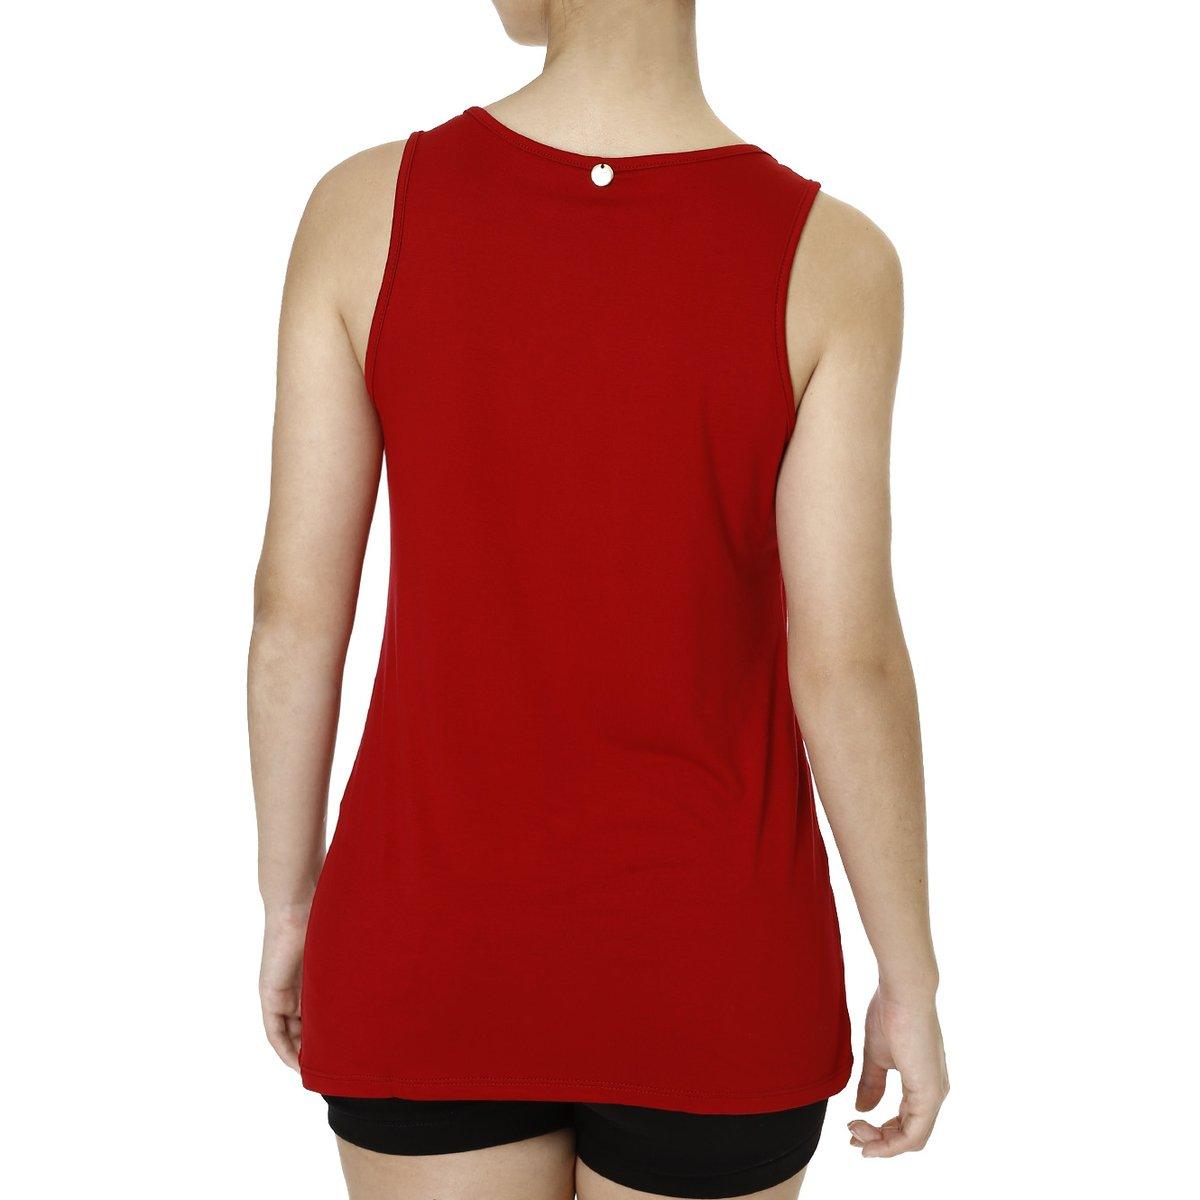 Blusa Regata Feminina Lnd Clean - Vermelho - Compre Agora  204ee52fdd0